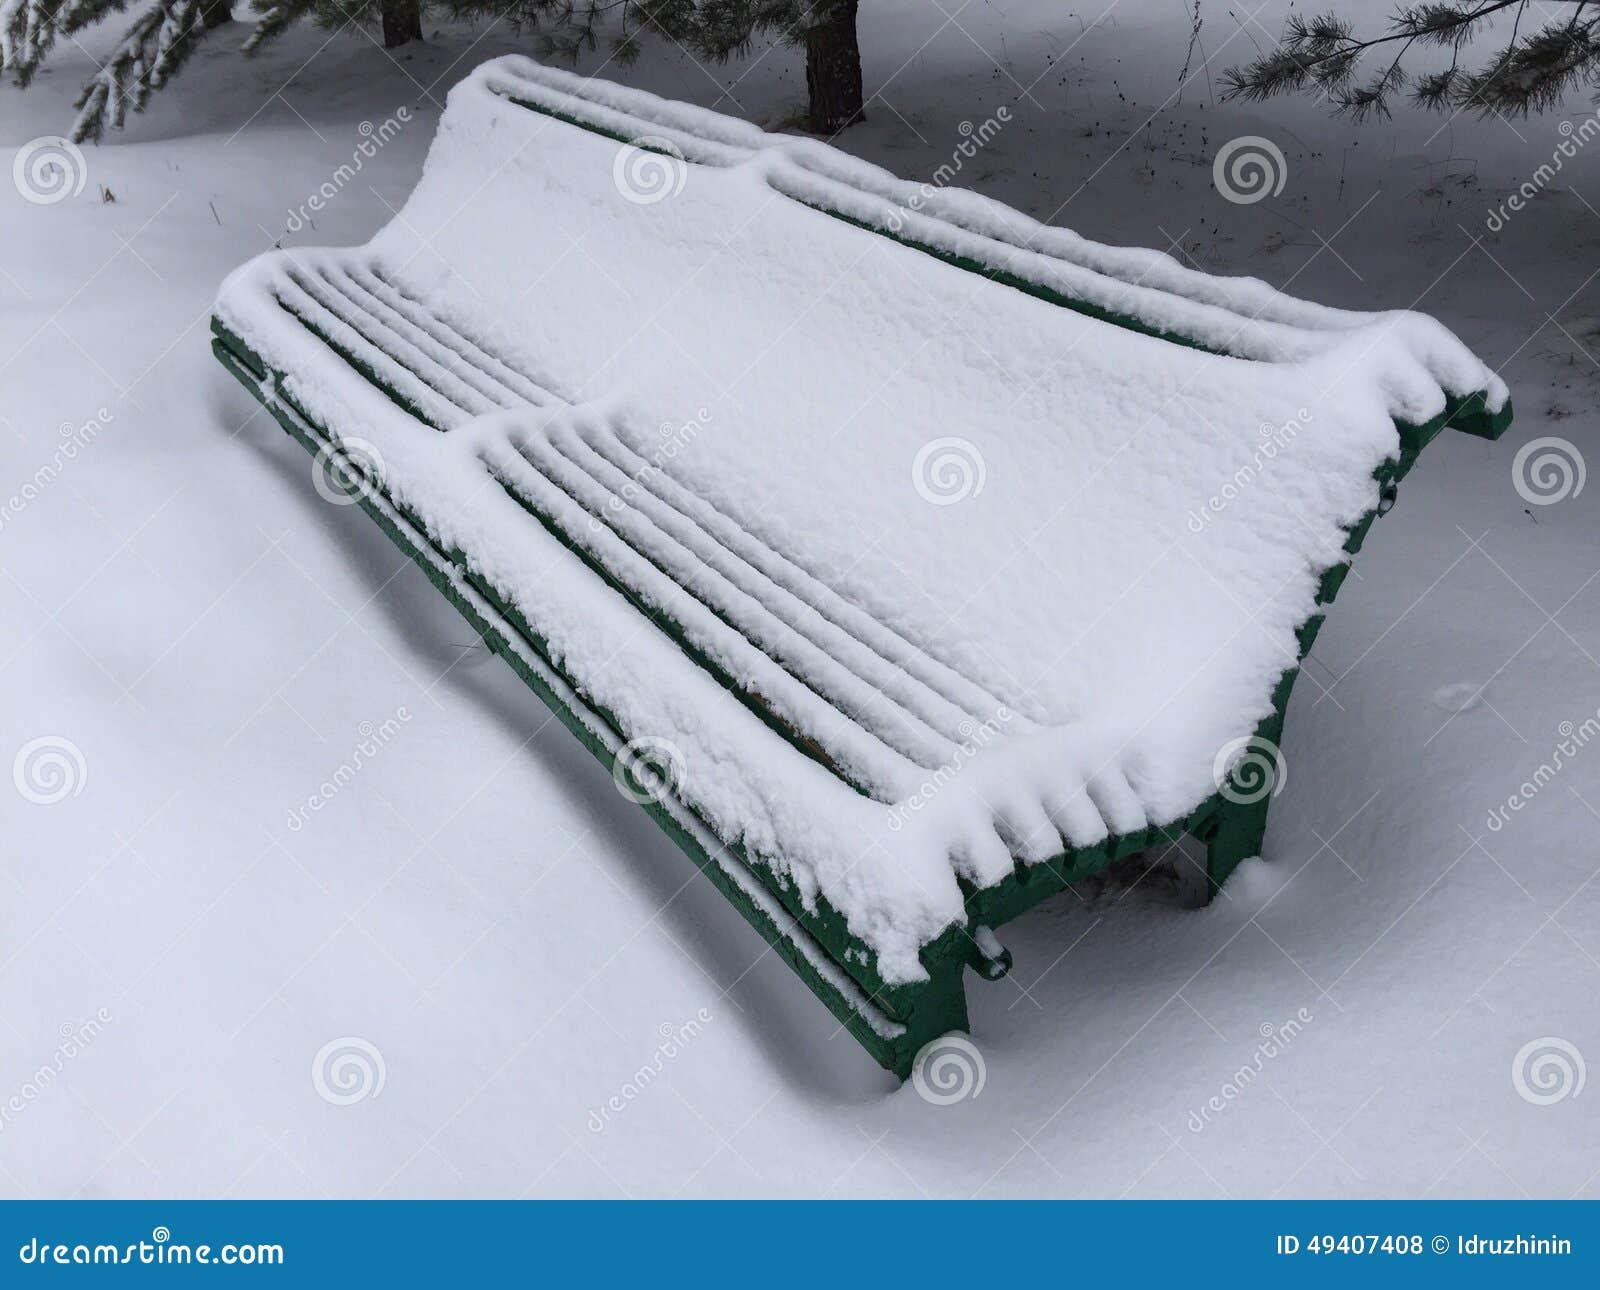 Download Einsame Bank Unter Weihnachtsbäumen Stockfoto - Bild von welt, aufgeben: 49407408